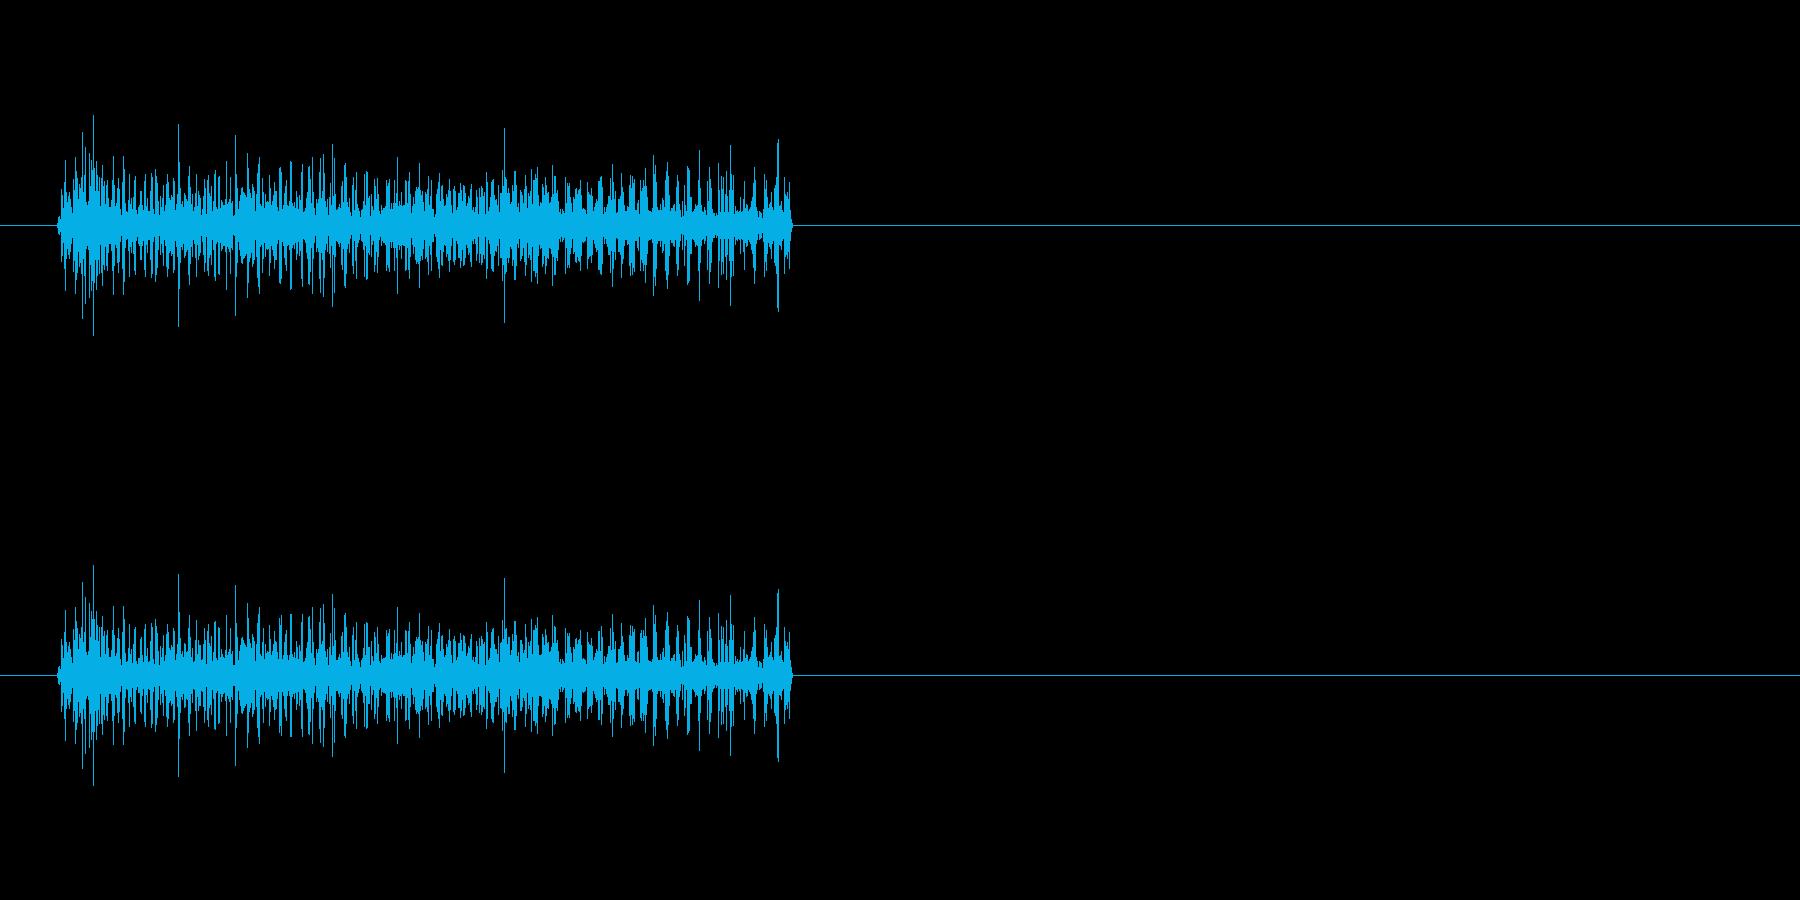 【電流01-3】の再生済みの波形